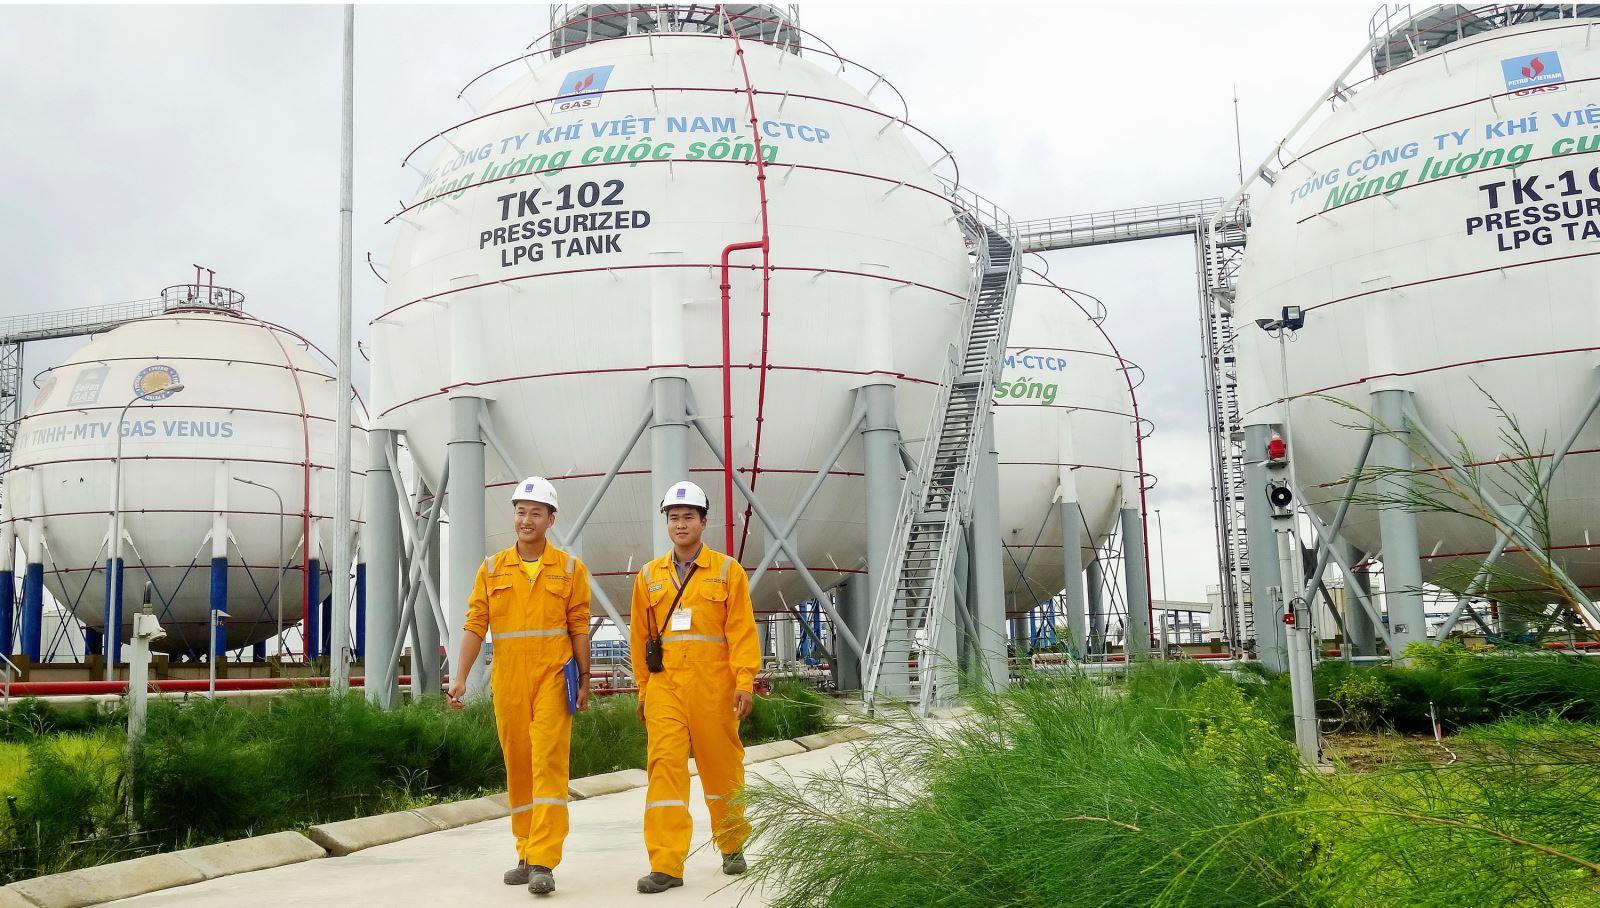 Giá dầu tăng, GAS báo lãi quý 3 gần gấp đôi cùng kỳ, 9 tháng vượt 12% kế hoạch